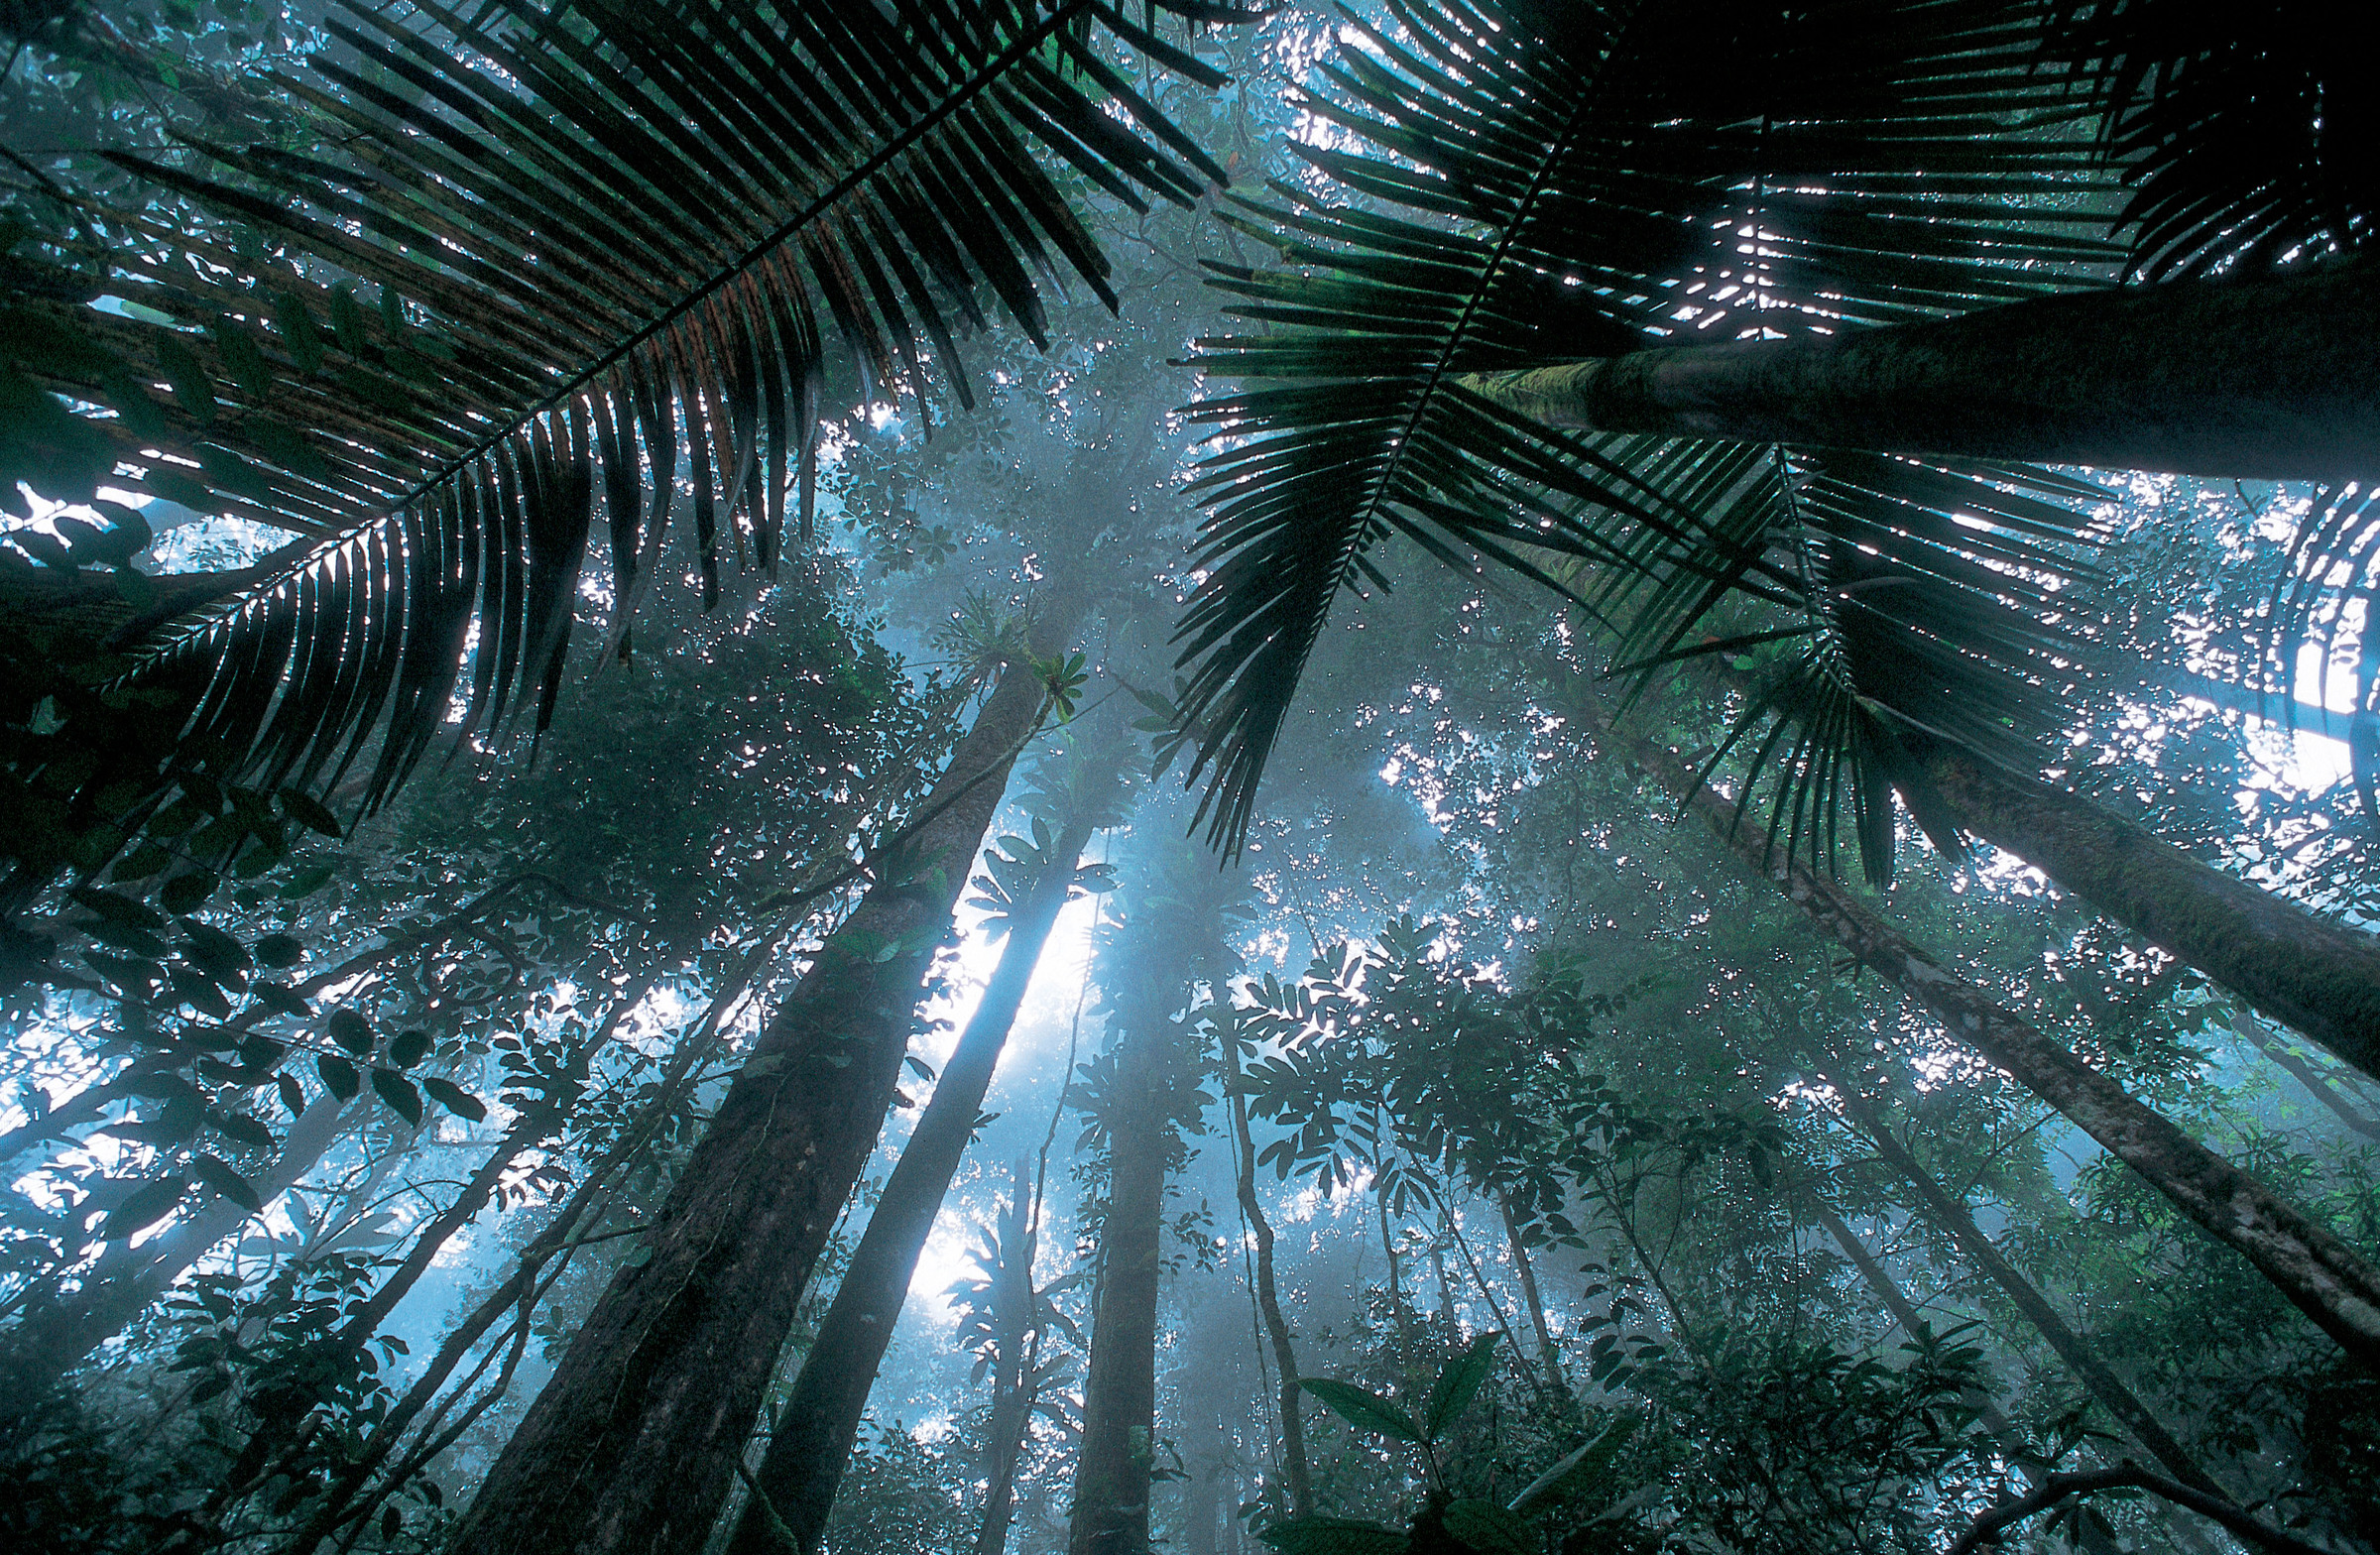 Alhaalta kuvattuja sademetsän puita sumuisessa ilmassa